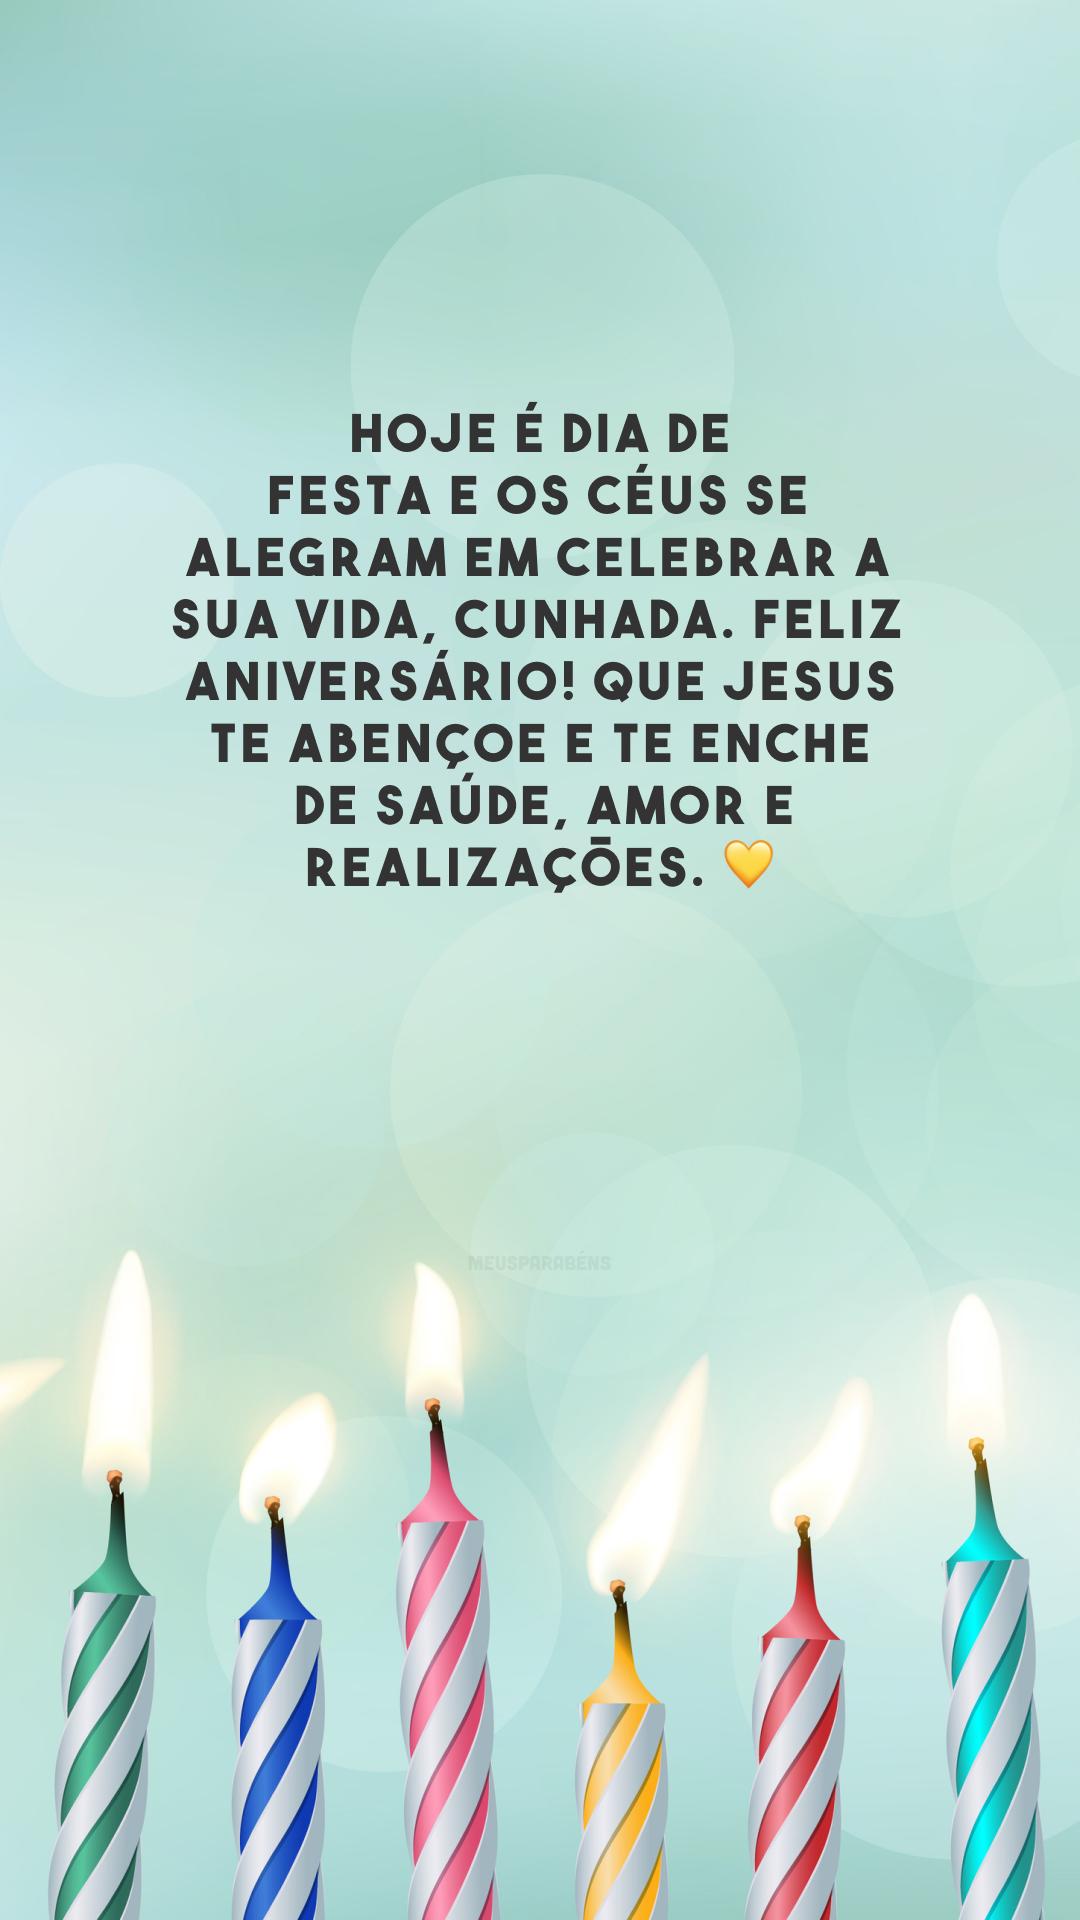 Hoje é dia de festa e os céus se alegram em celebrar a sua vida, cunhada. Feliz aniversário! Que Jesus te abençoe e te encha de saúde, amor e realizações. 💛